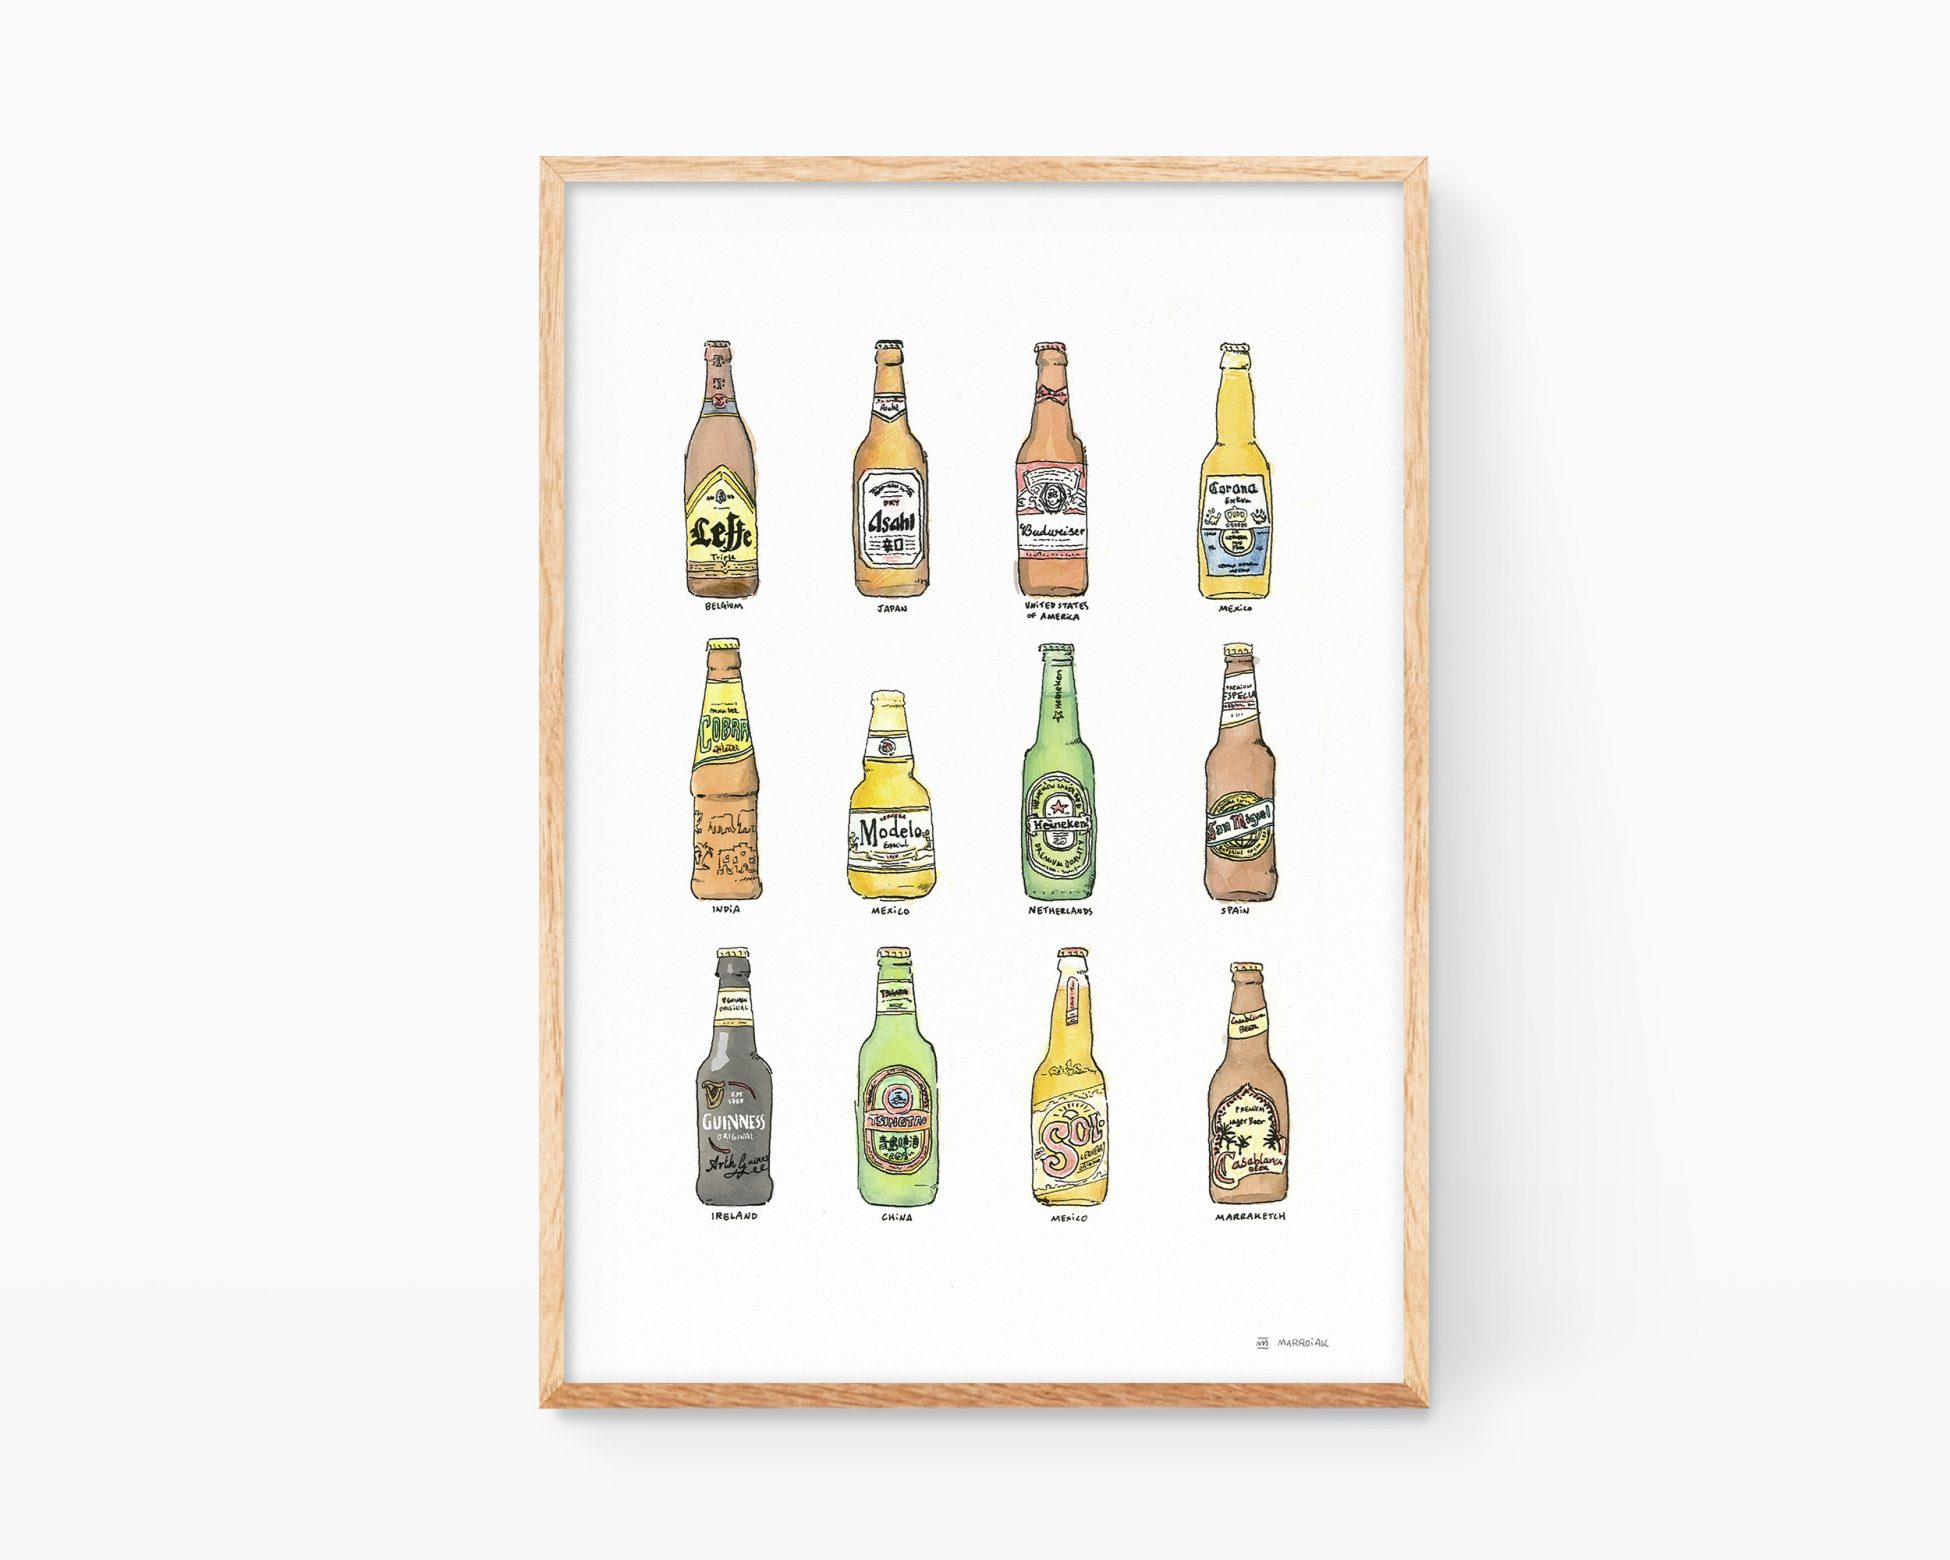 Cuadro decorativo para enmarcar con motivos de cocinas con ilustraciones de botellas de cervezas de países del mundo. Arte contemporáneo barato